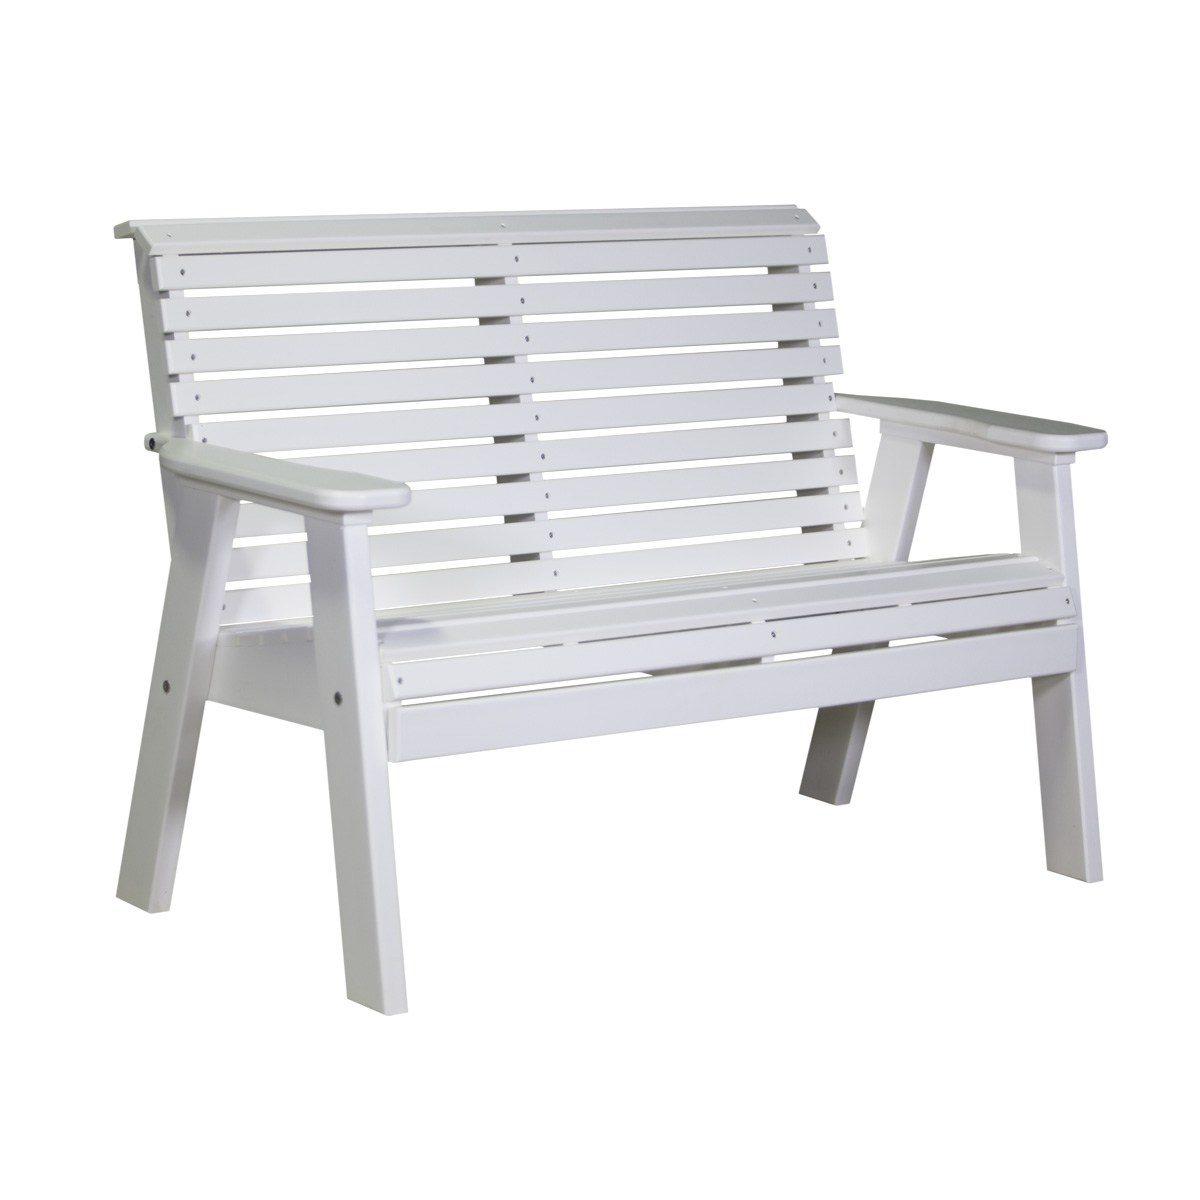 Double Plain Bench - White